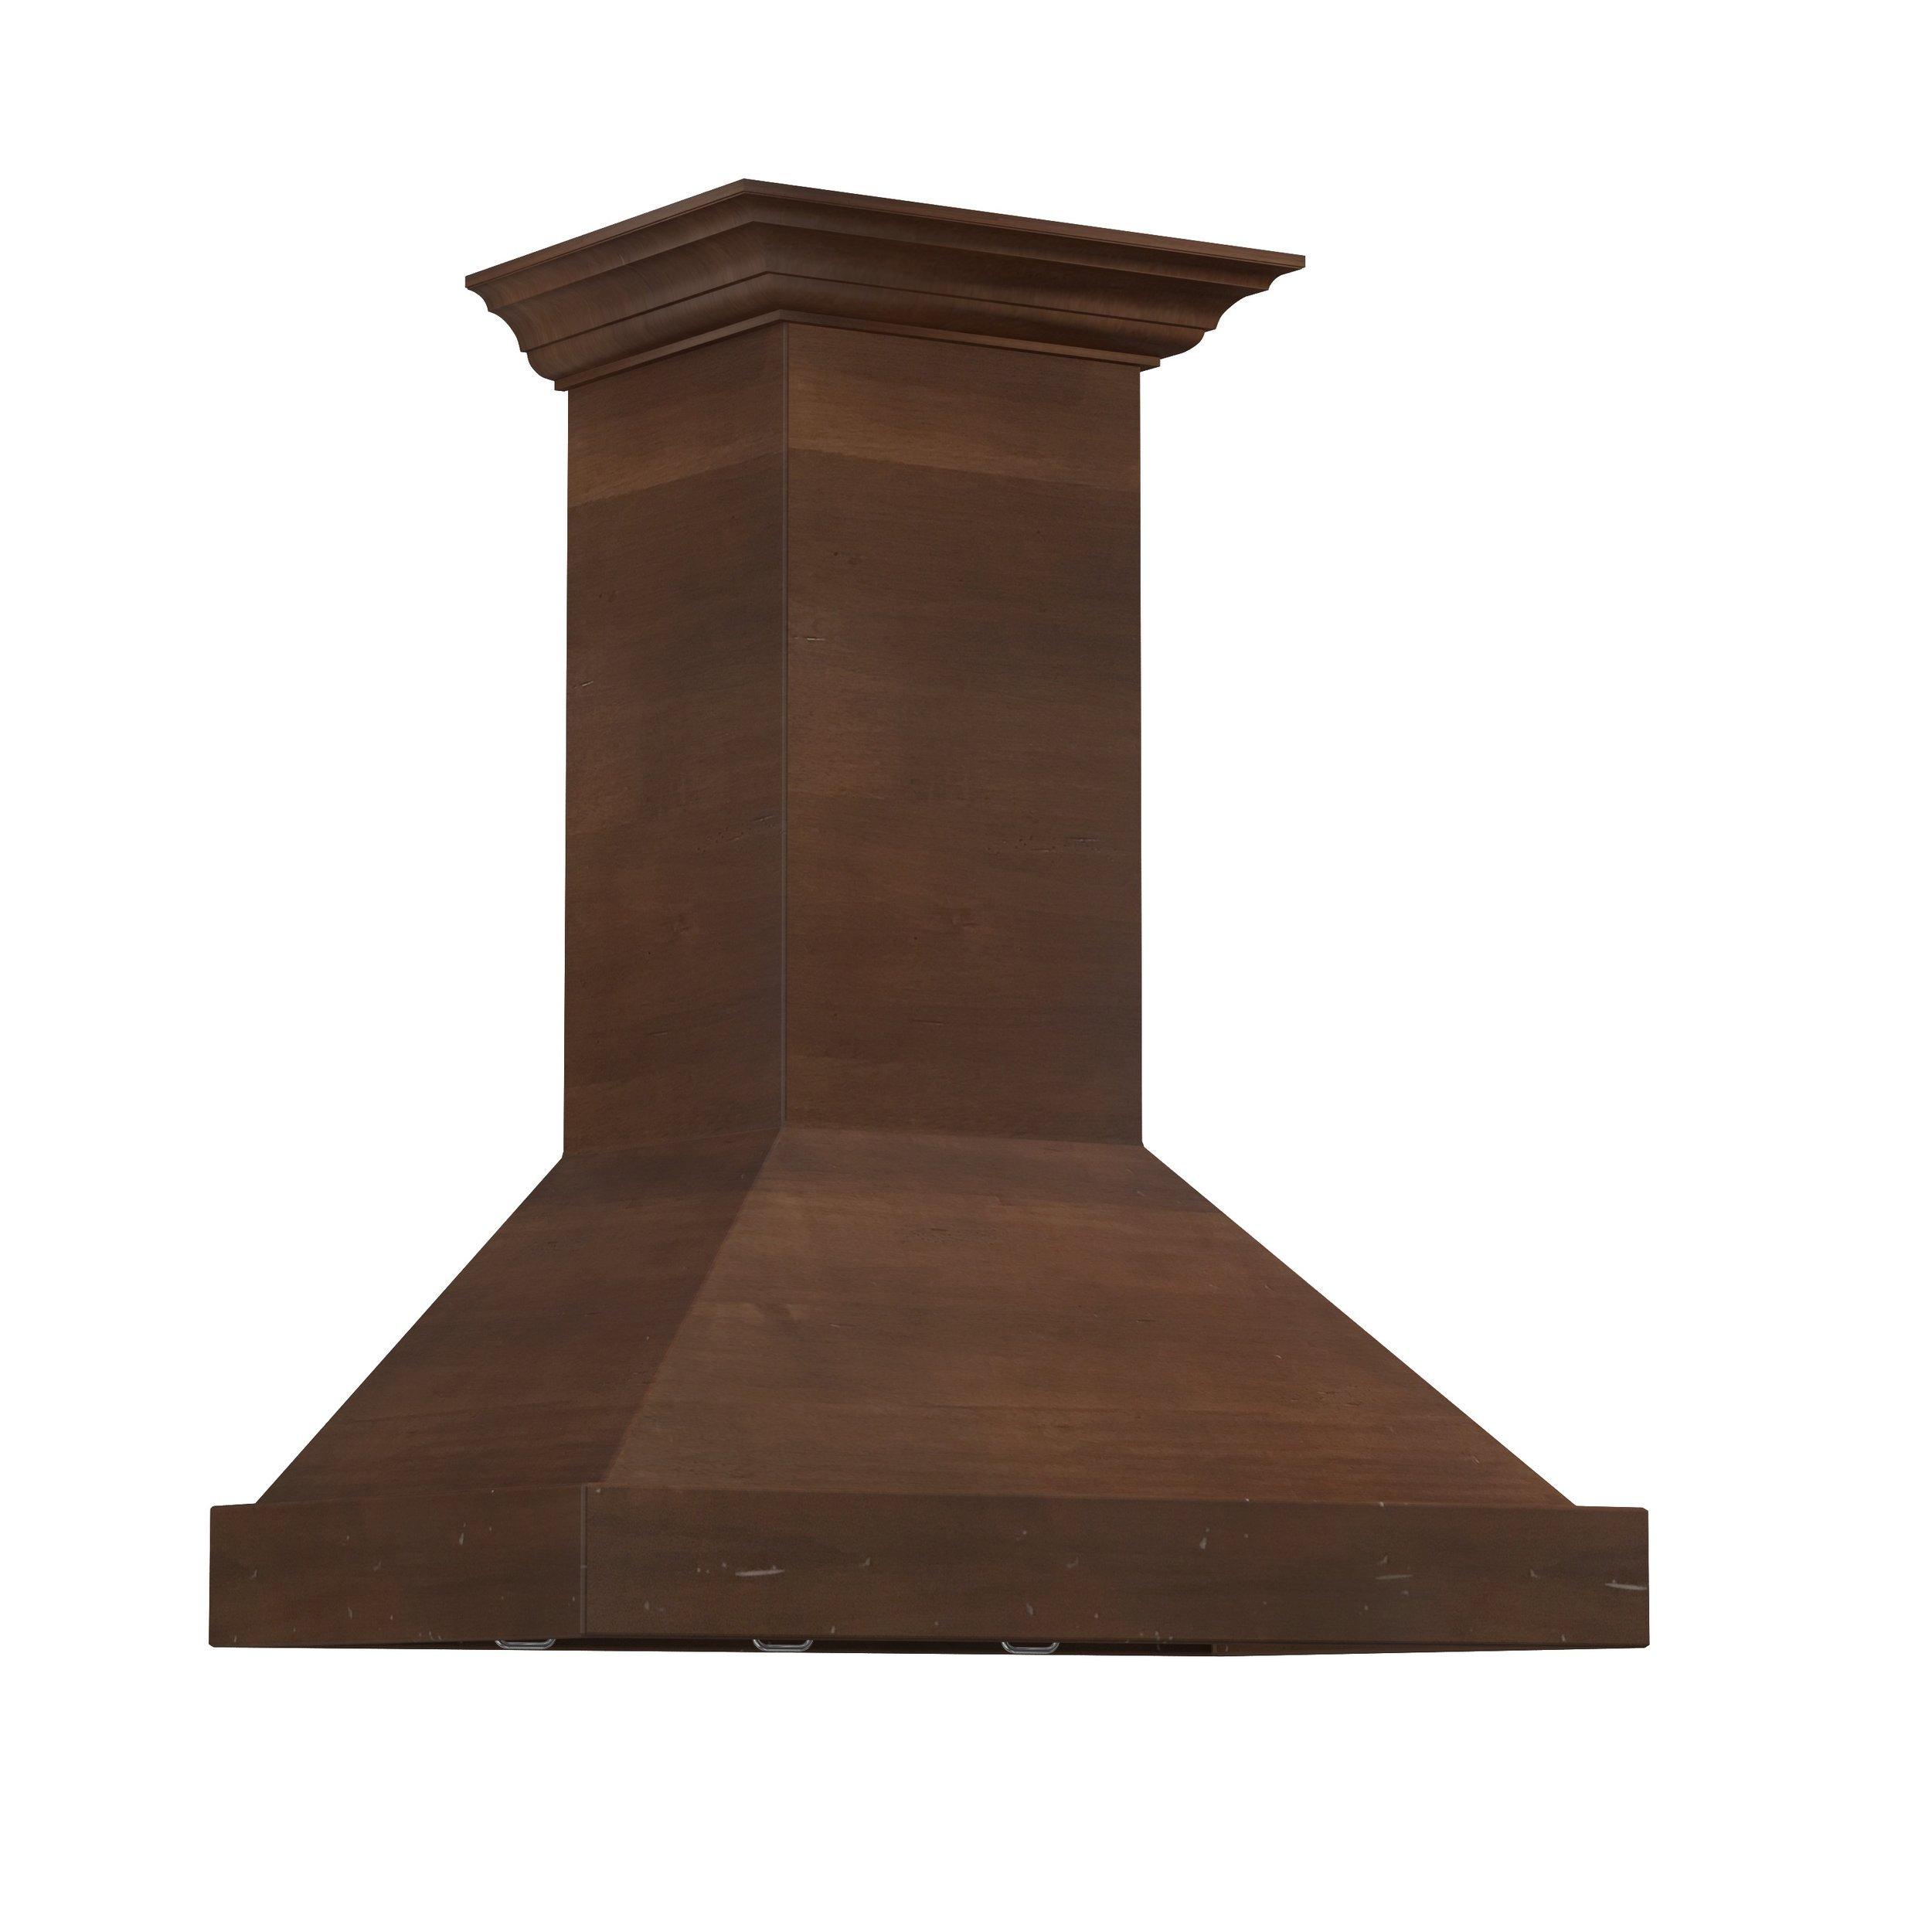 zline-designer-wood-range-hood-KBRR-main.jpg